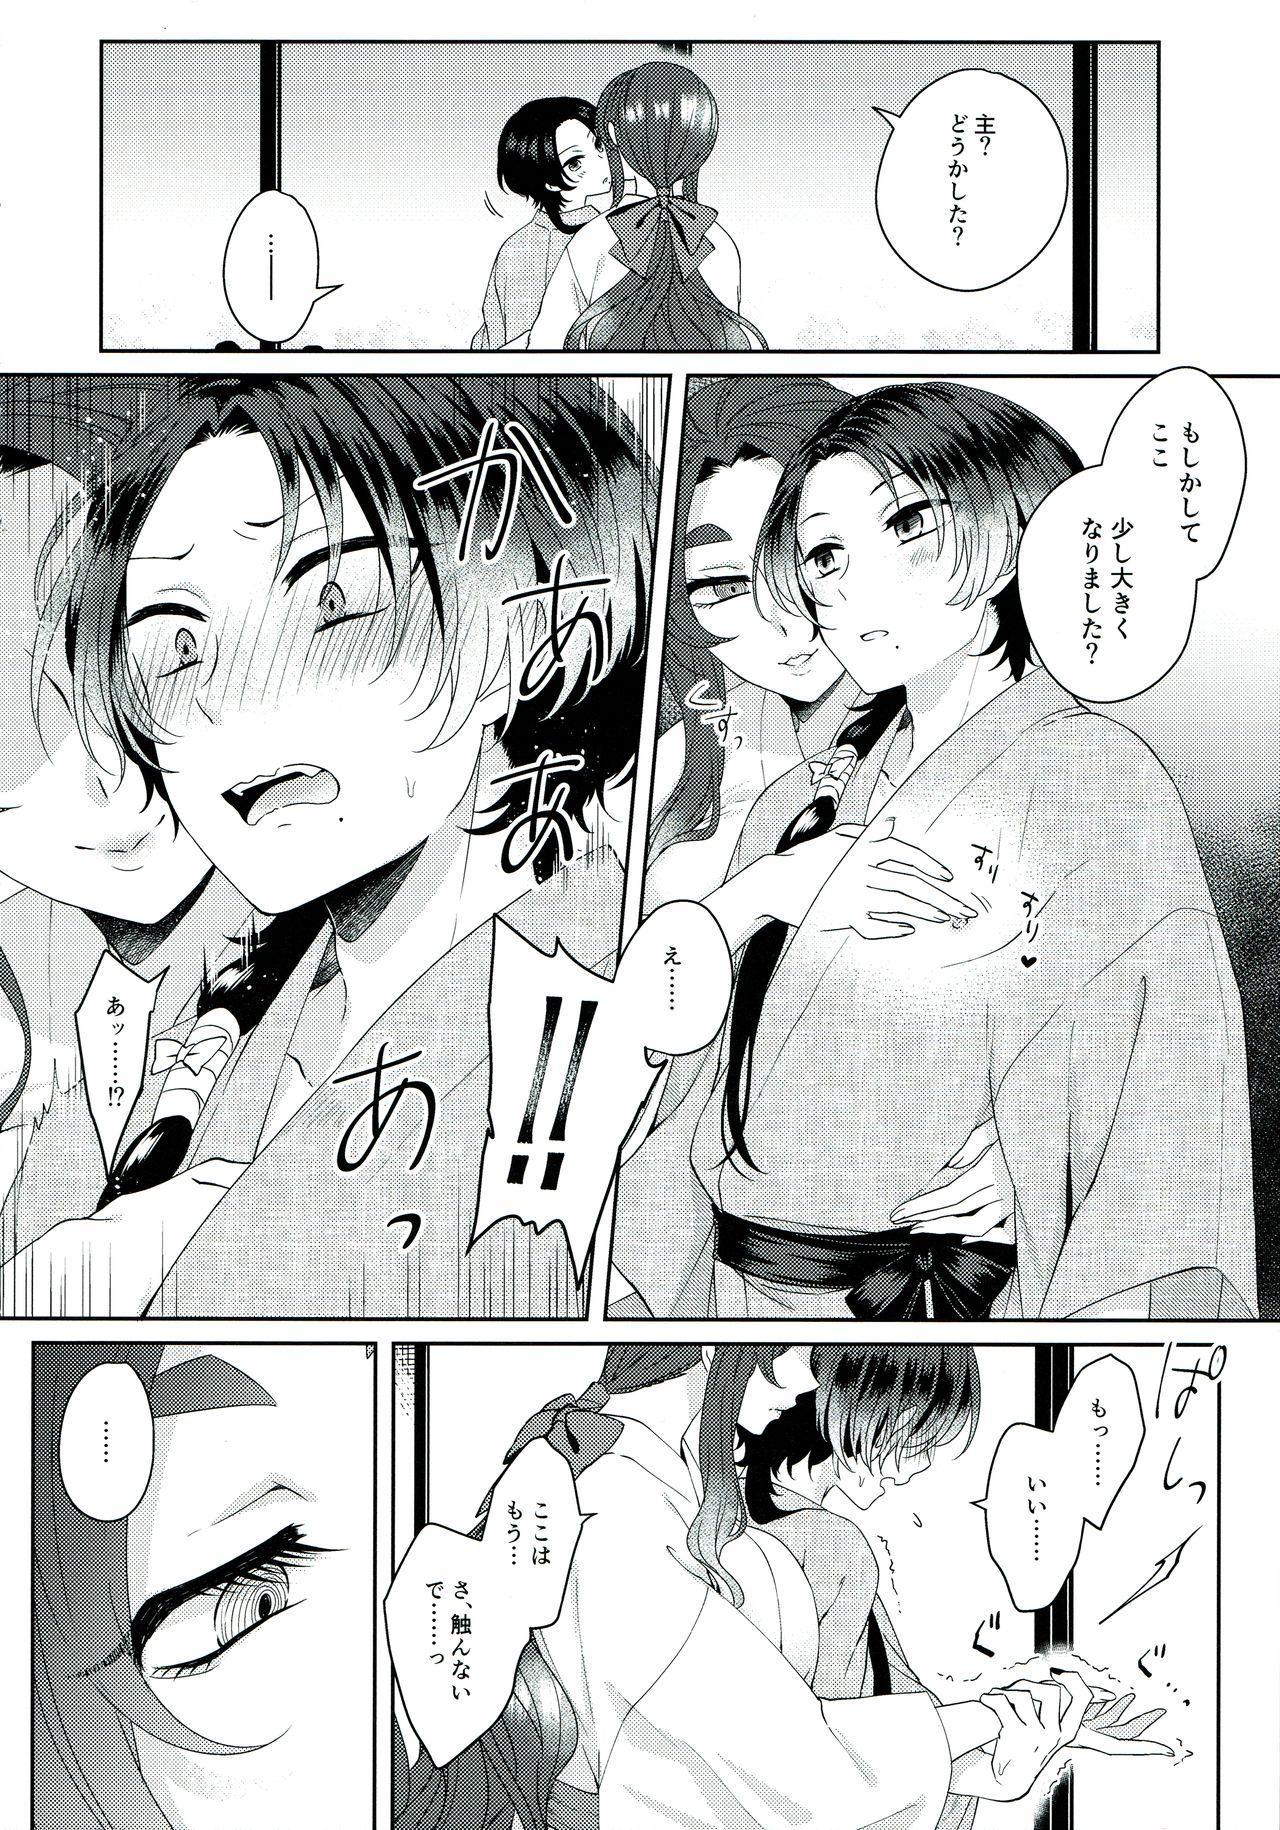 Shinya 0-ji Shinshitsu Ni te 5